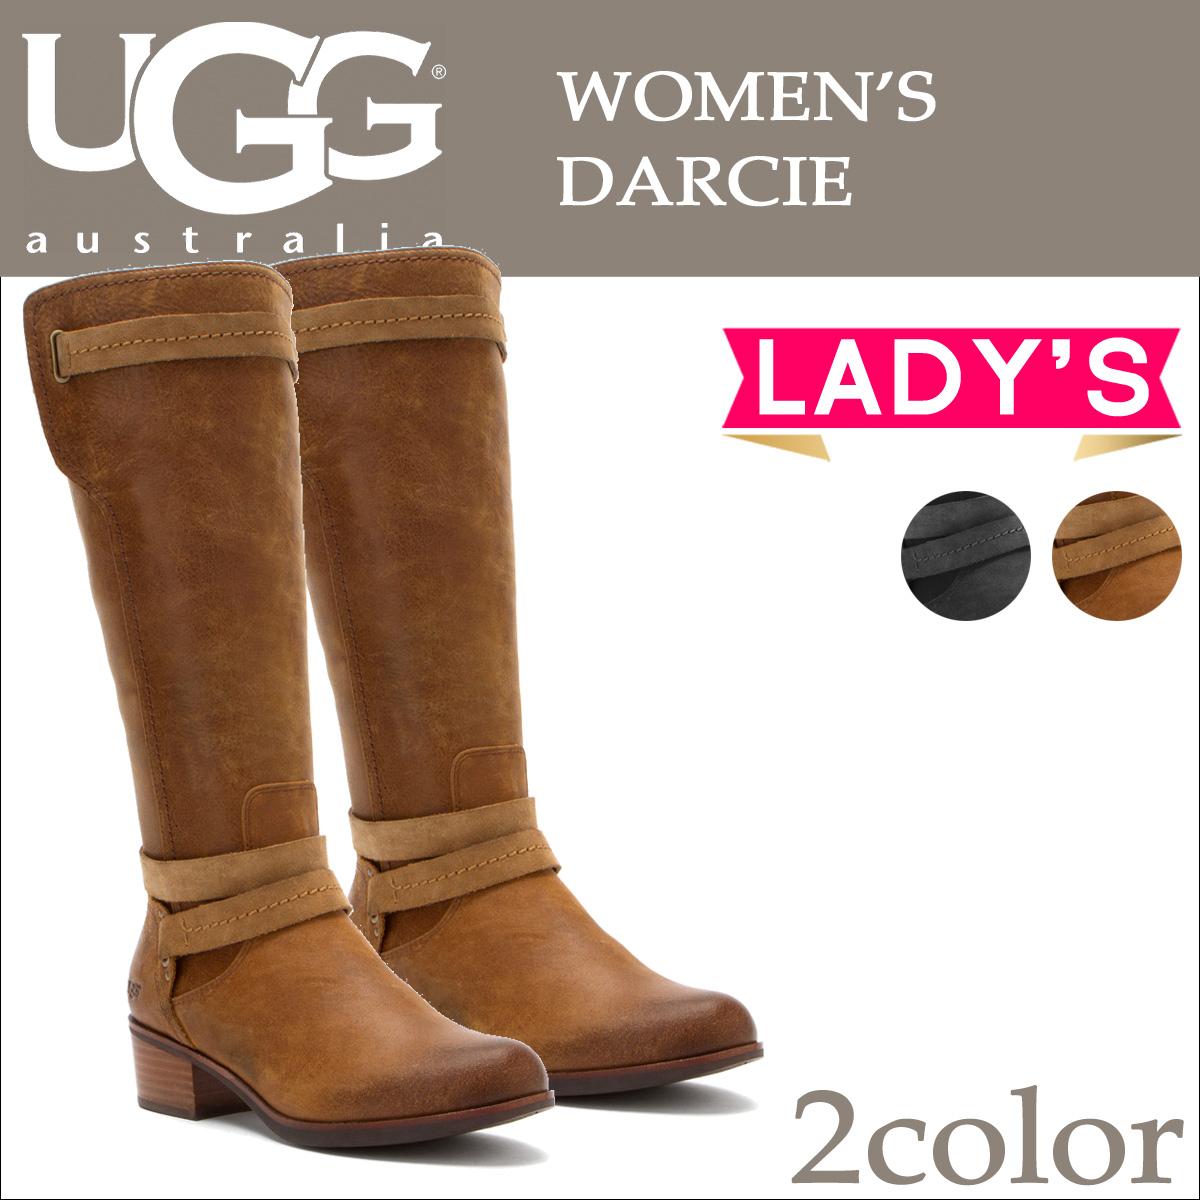 アグ UGG ダルシー ロングブーツ WOMENS DARCIE 1004172 シープスキン レディース